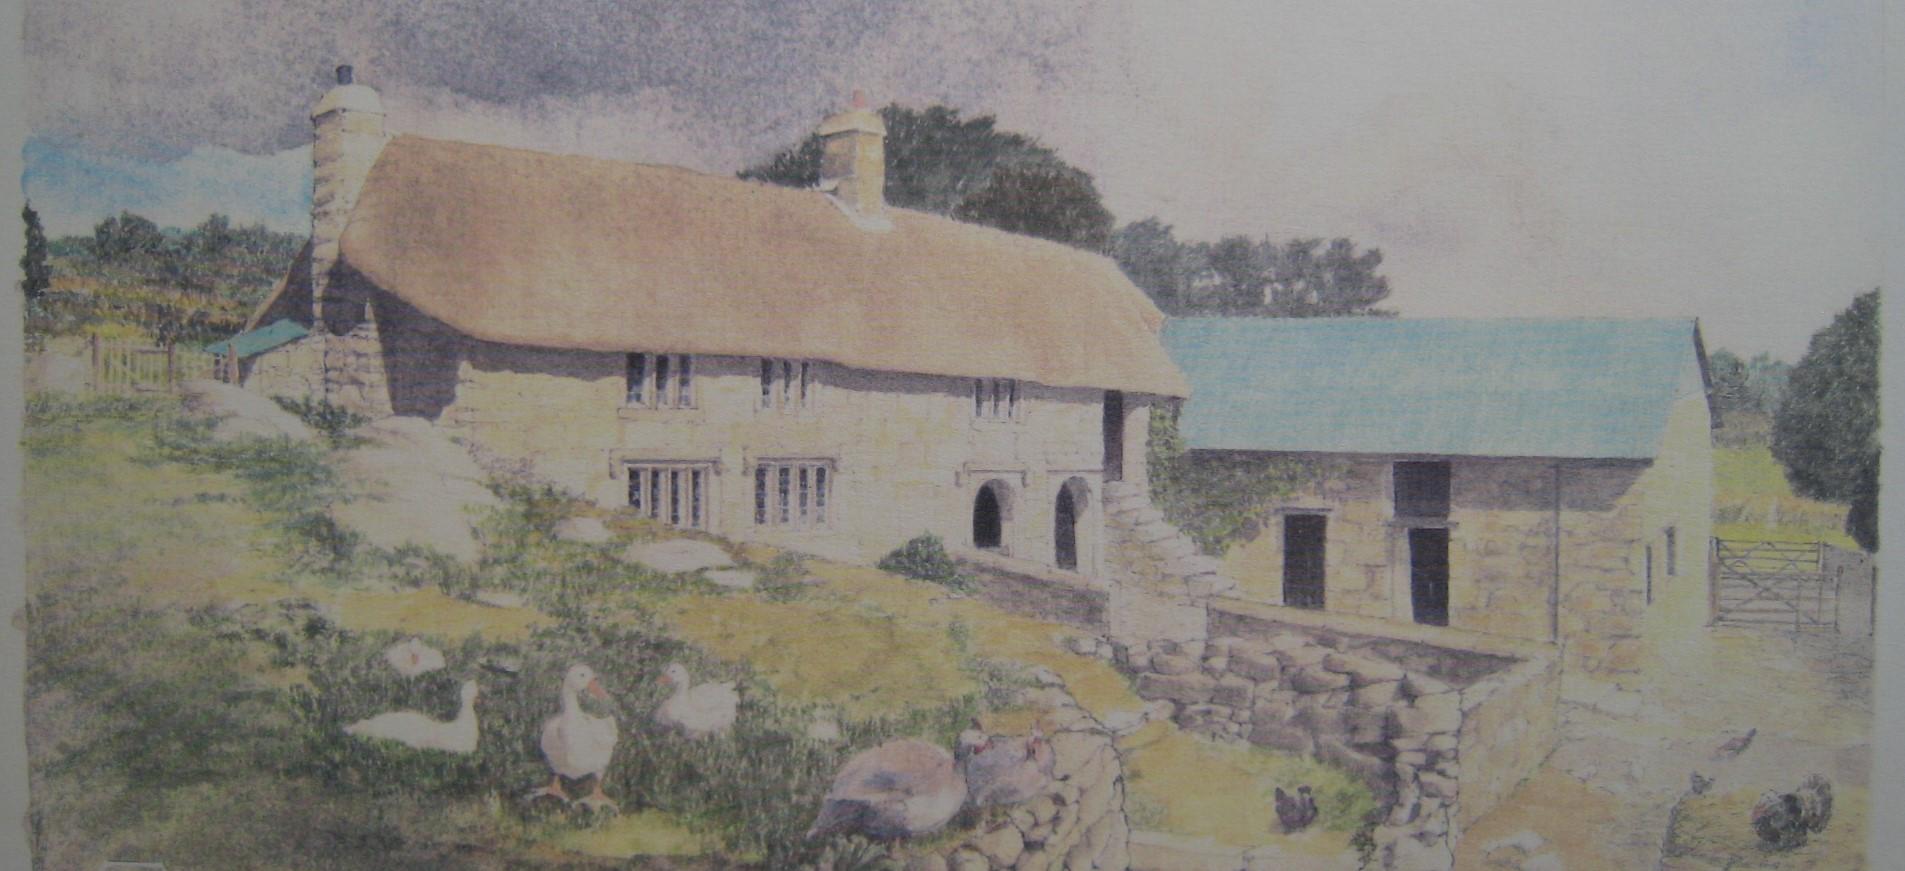 Dartmoor Longhouse Higher Shilstone Throwleigh